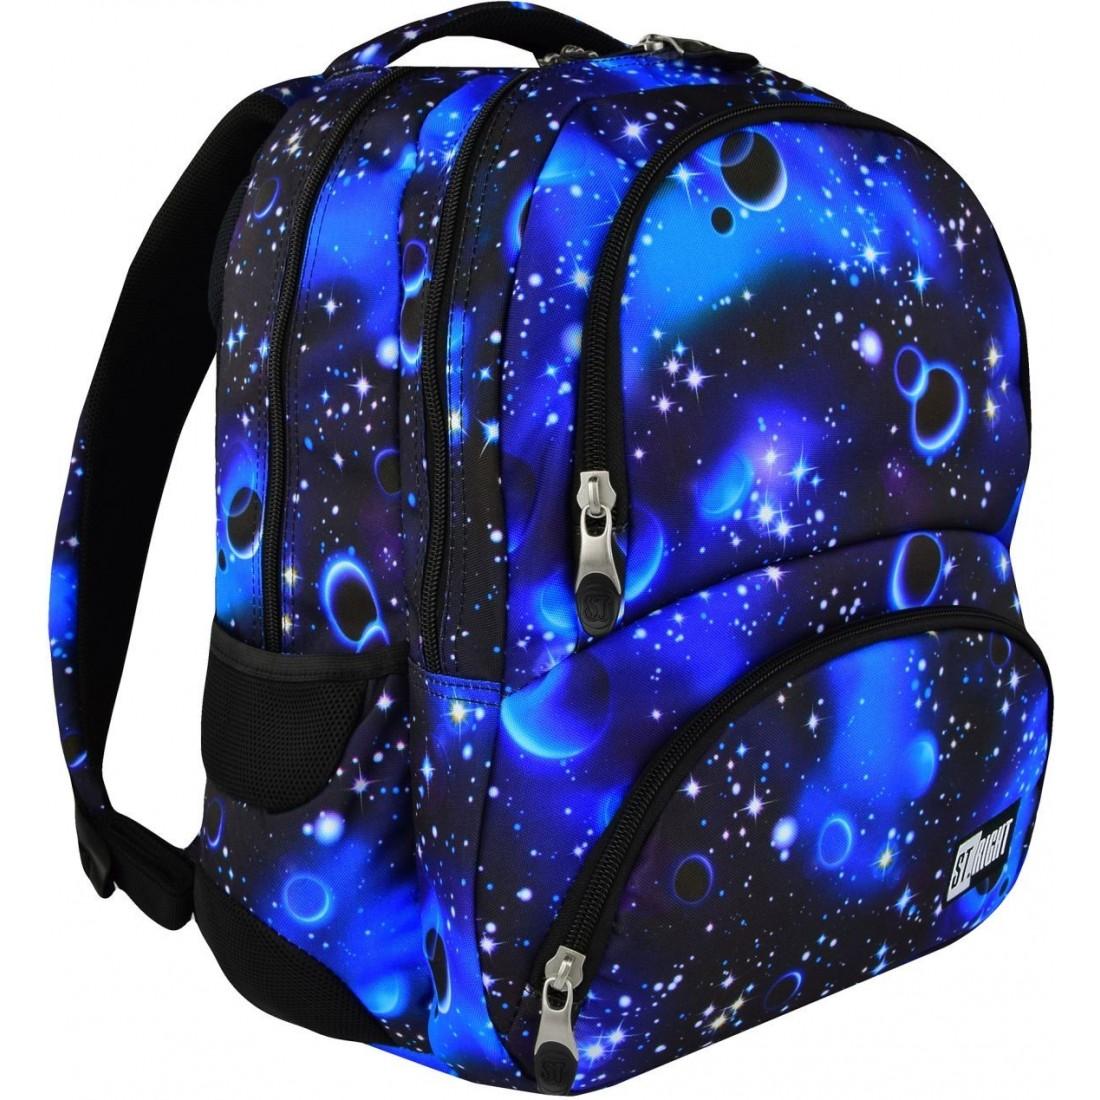 adaec038070dd ST.RIGHT - model 07 posiada wszystkie cechy plecaka szkolnego z prawdziwego  zdarzenia. Plecak otrzymał prestiżową nagrodę za innowacyjność na targach  ISPA ...